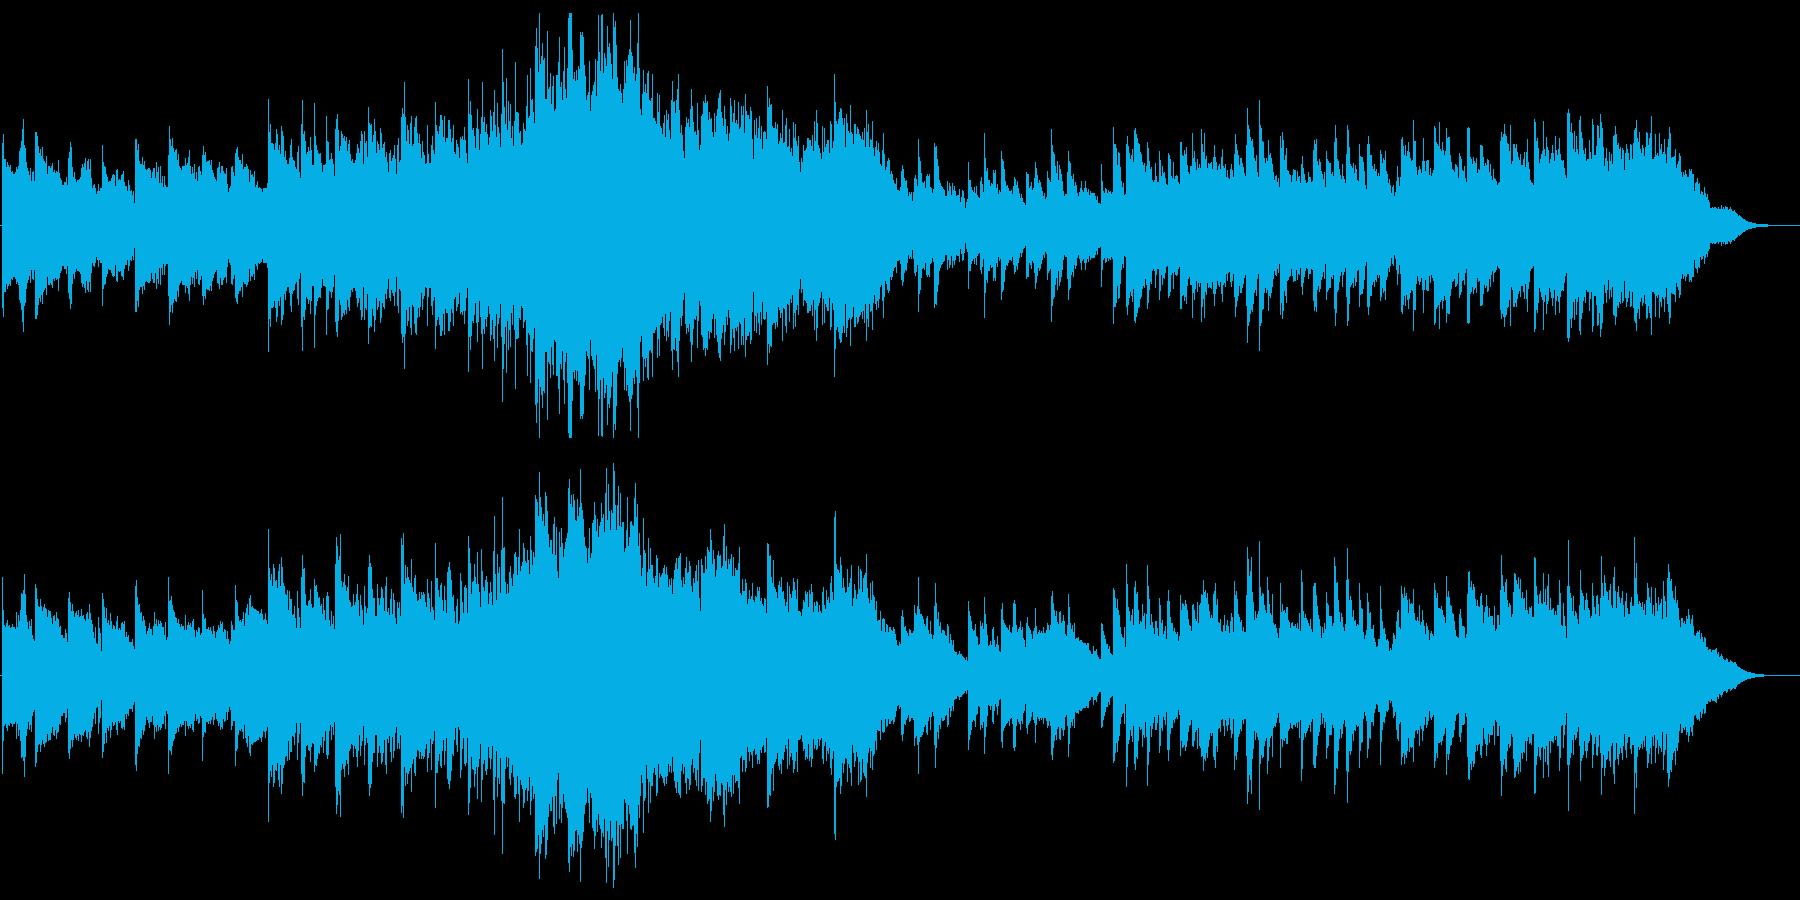 幻想的雰囲気漂うオーケストラ楽器の曲の再生済みの波形